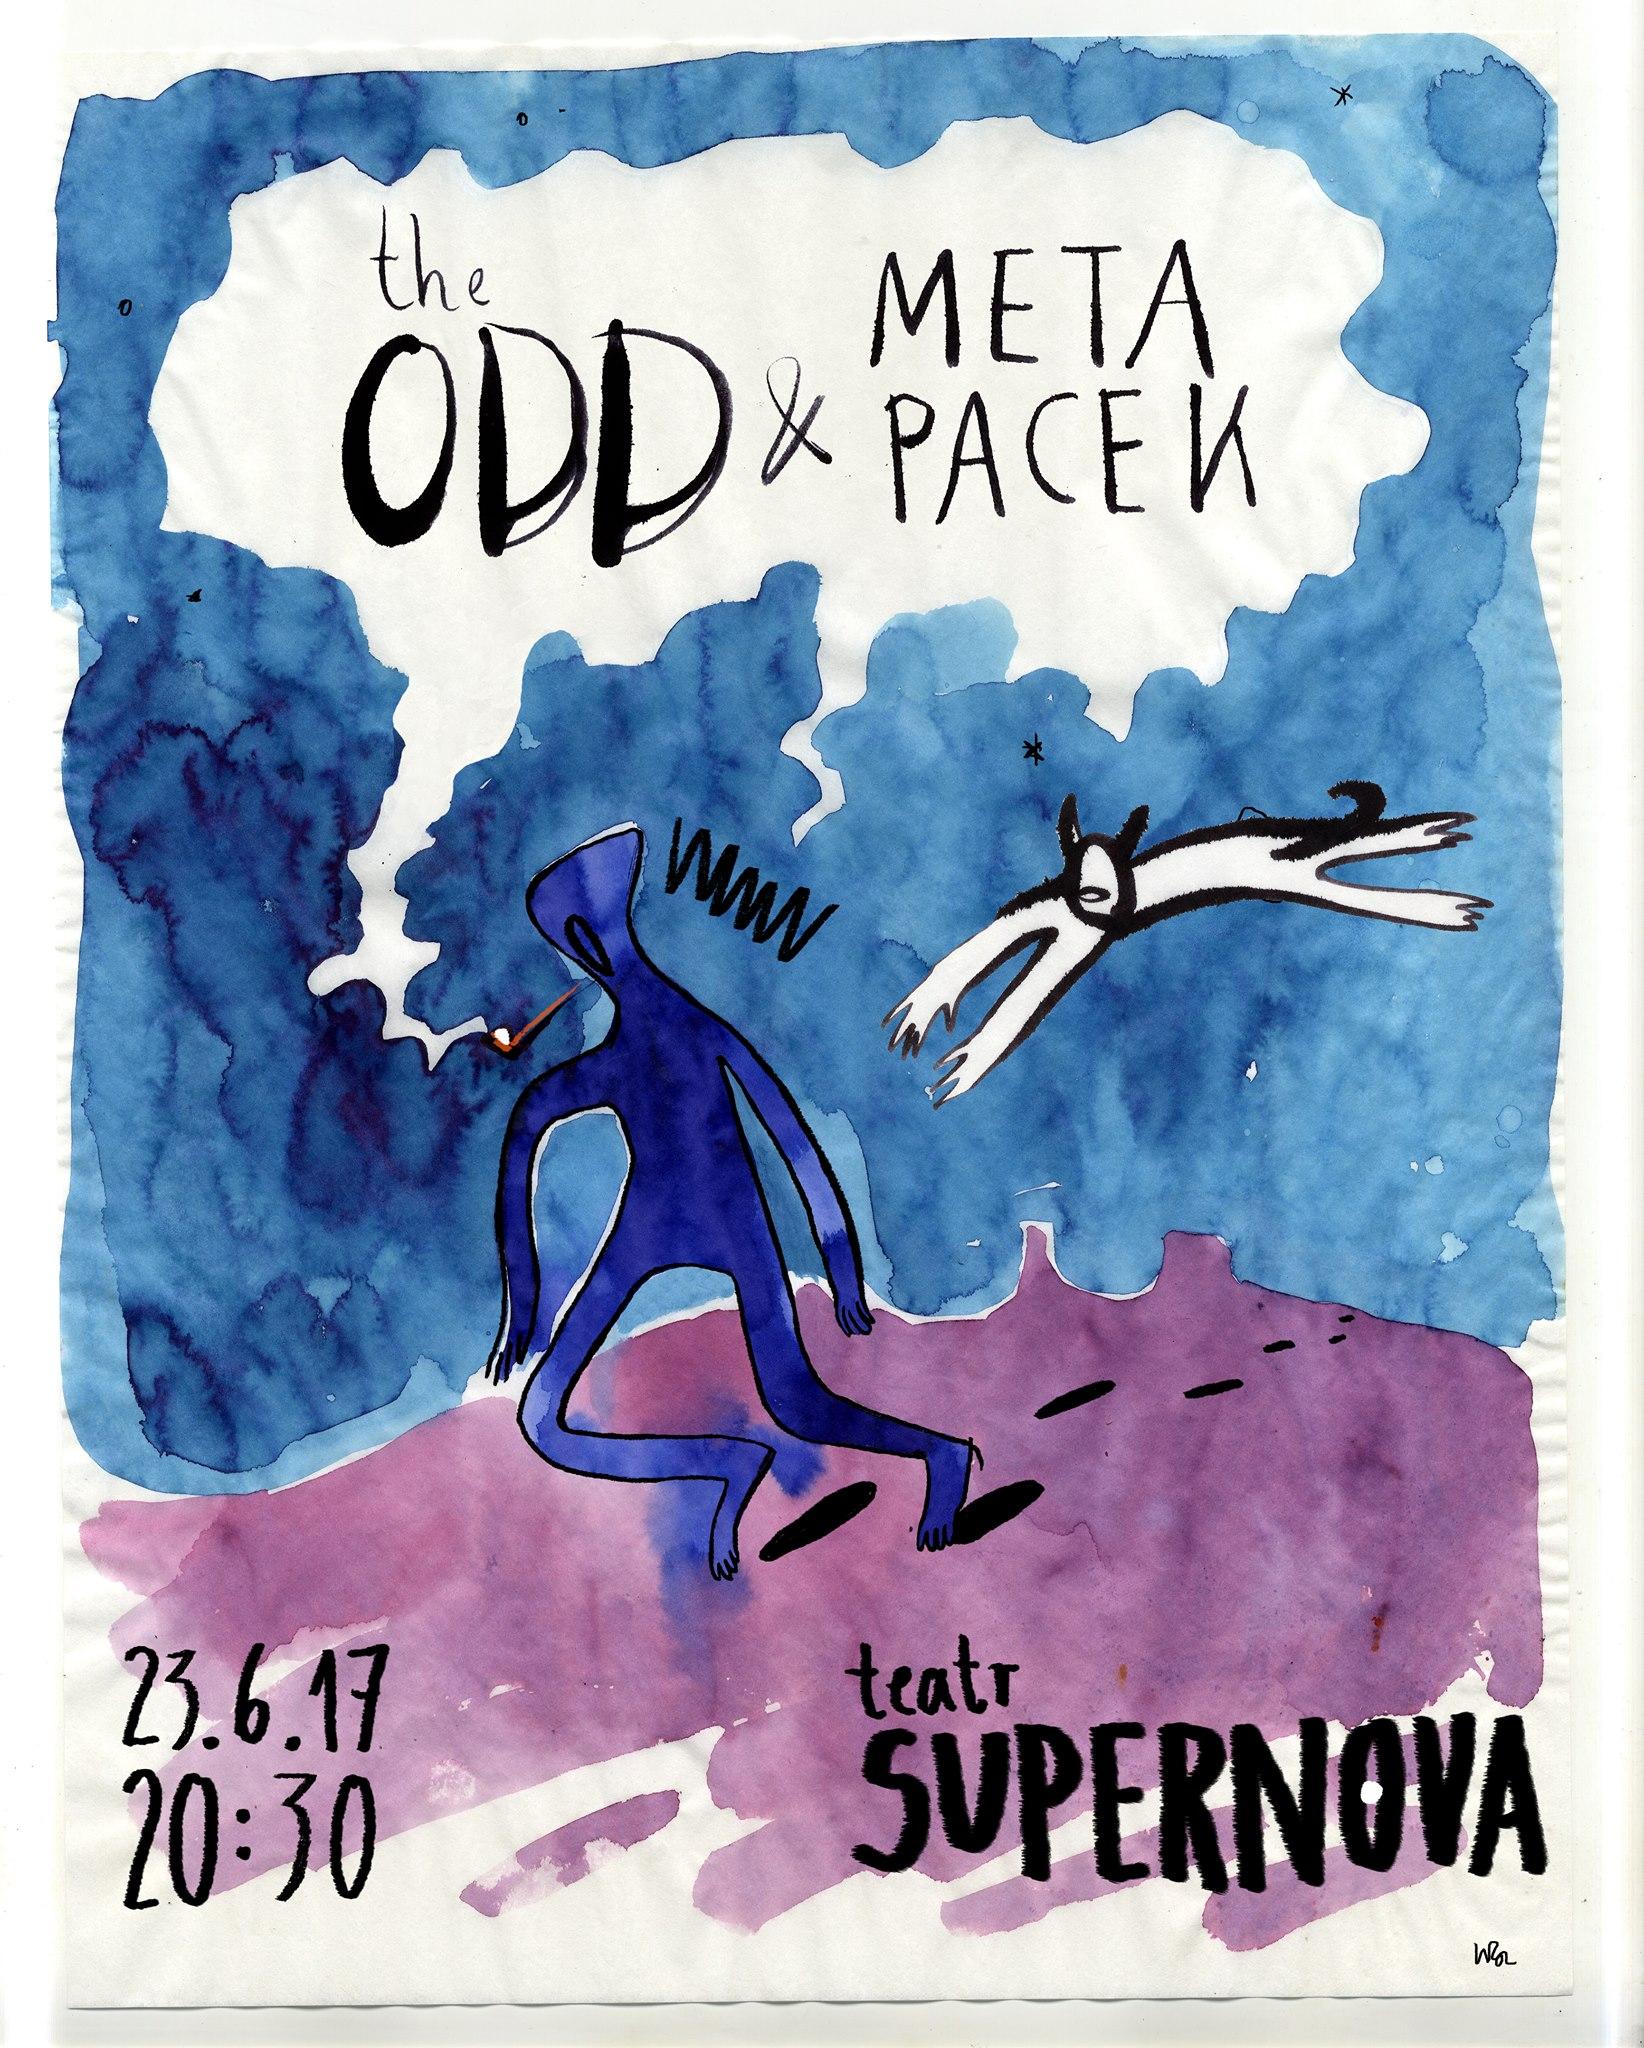 The Odd i Metapacek